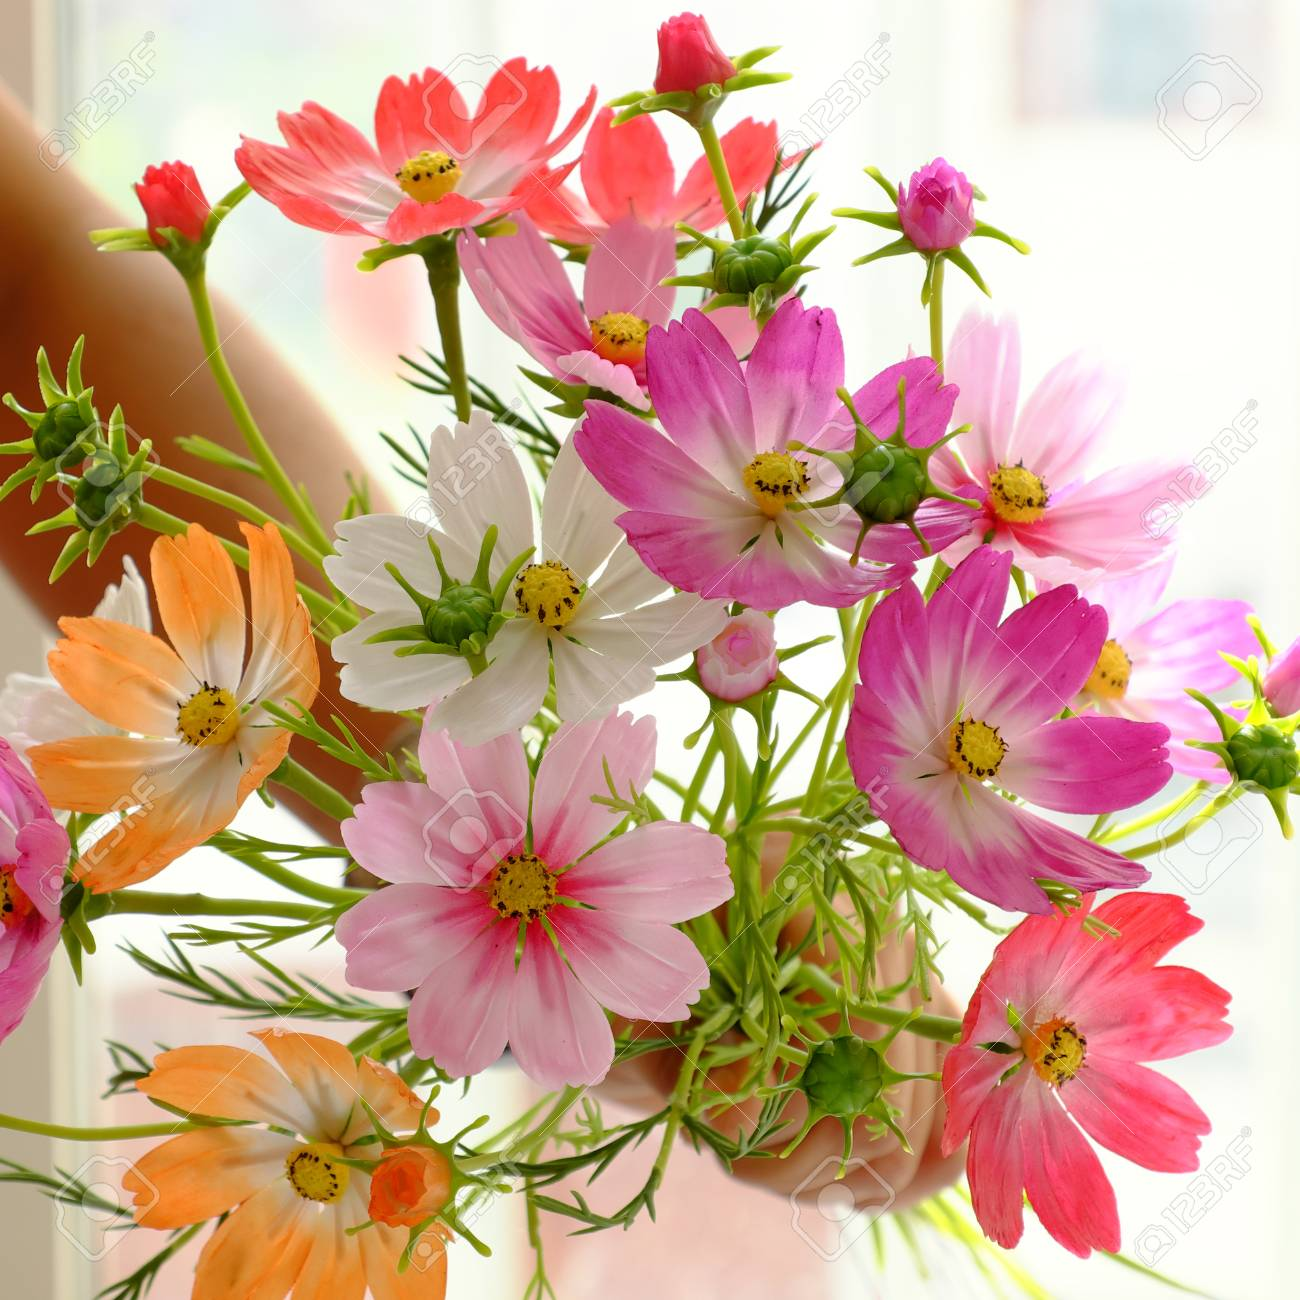 Картинки с несколькими цветами